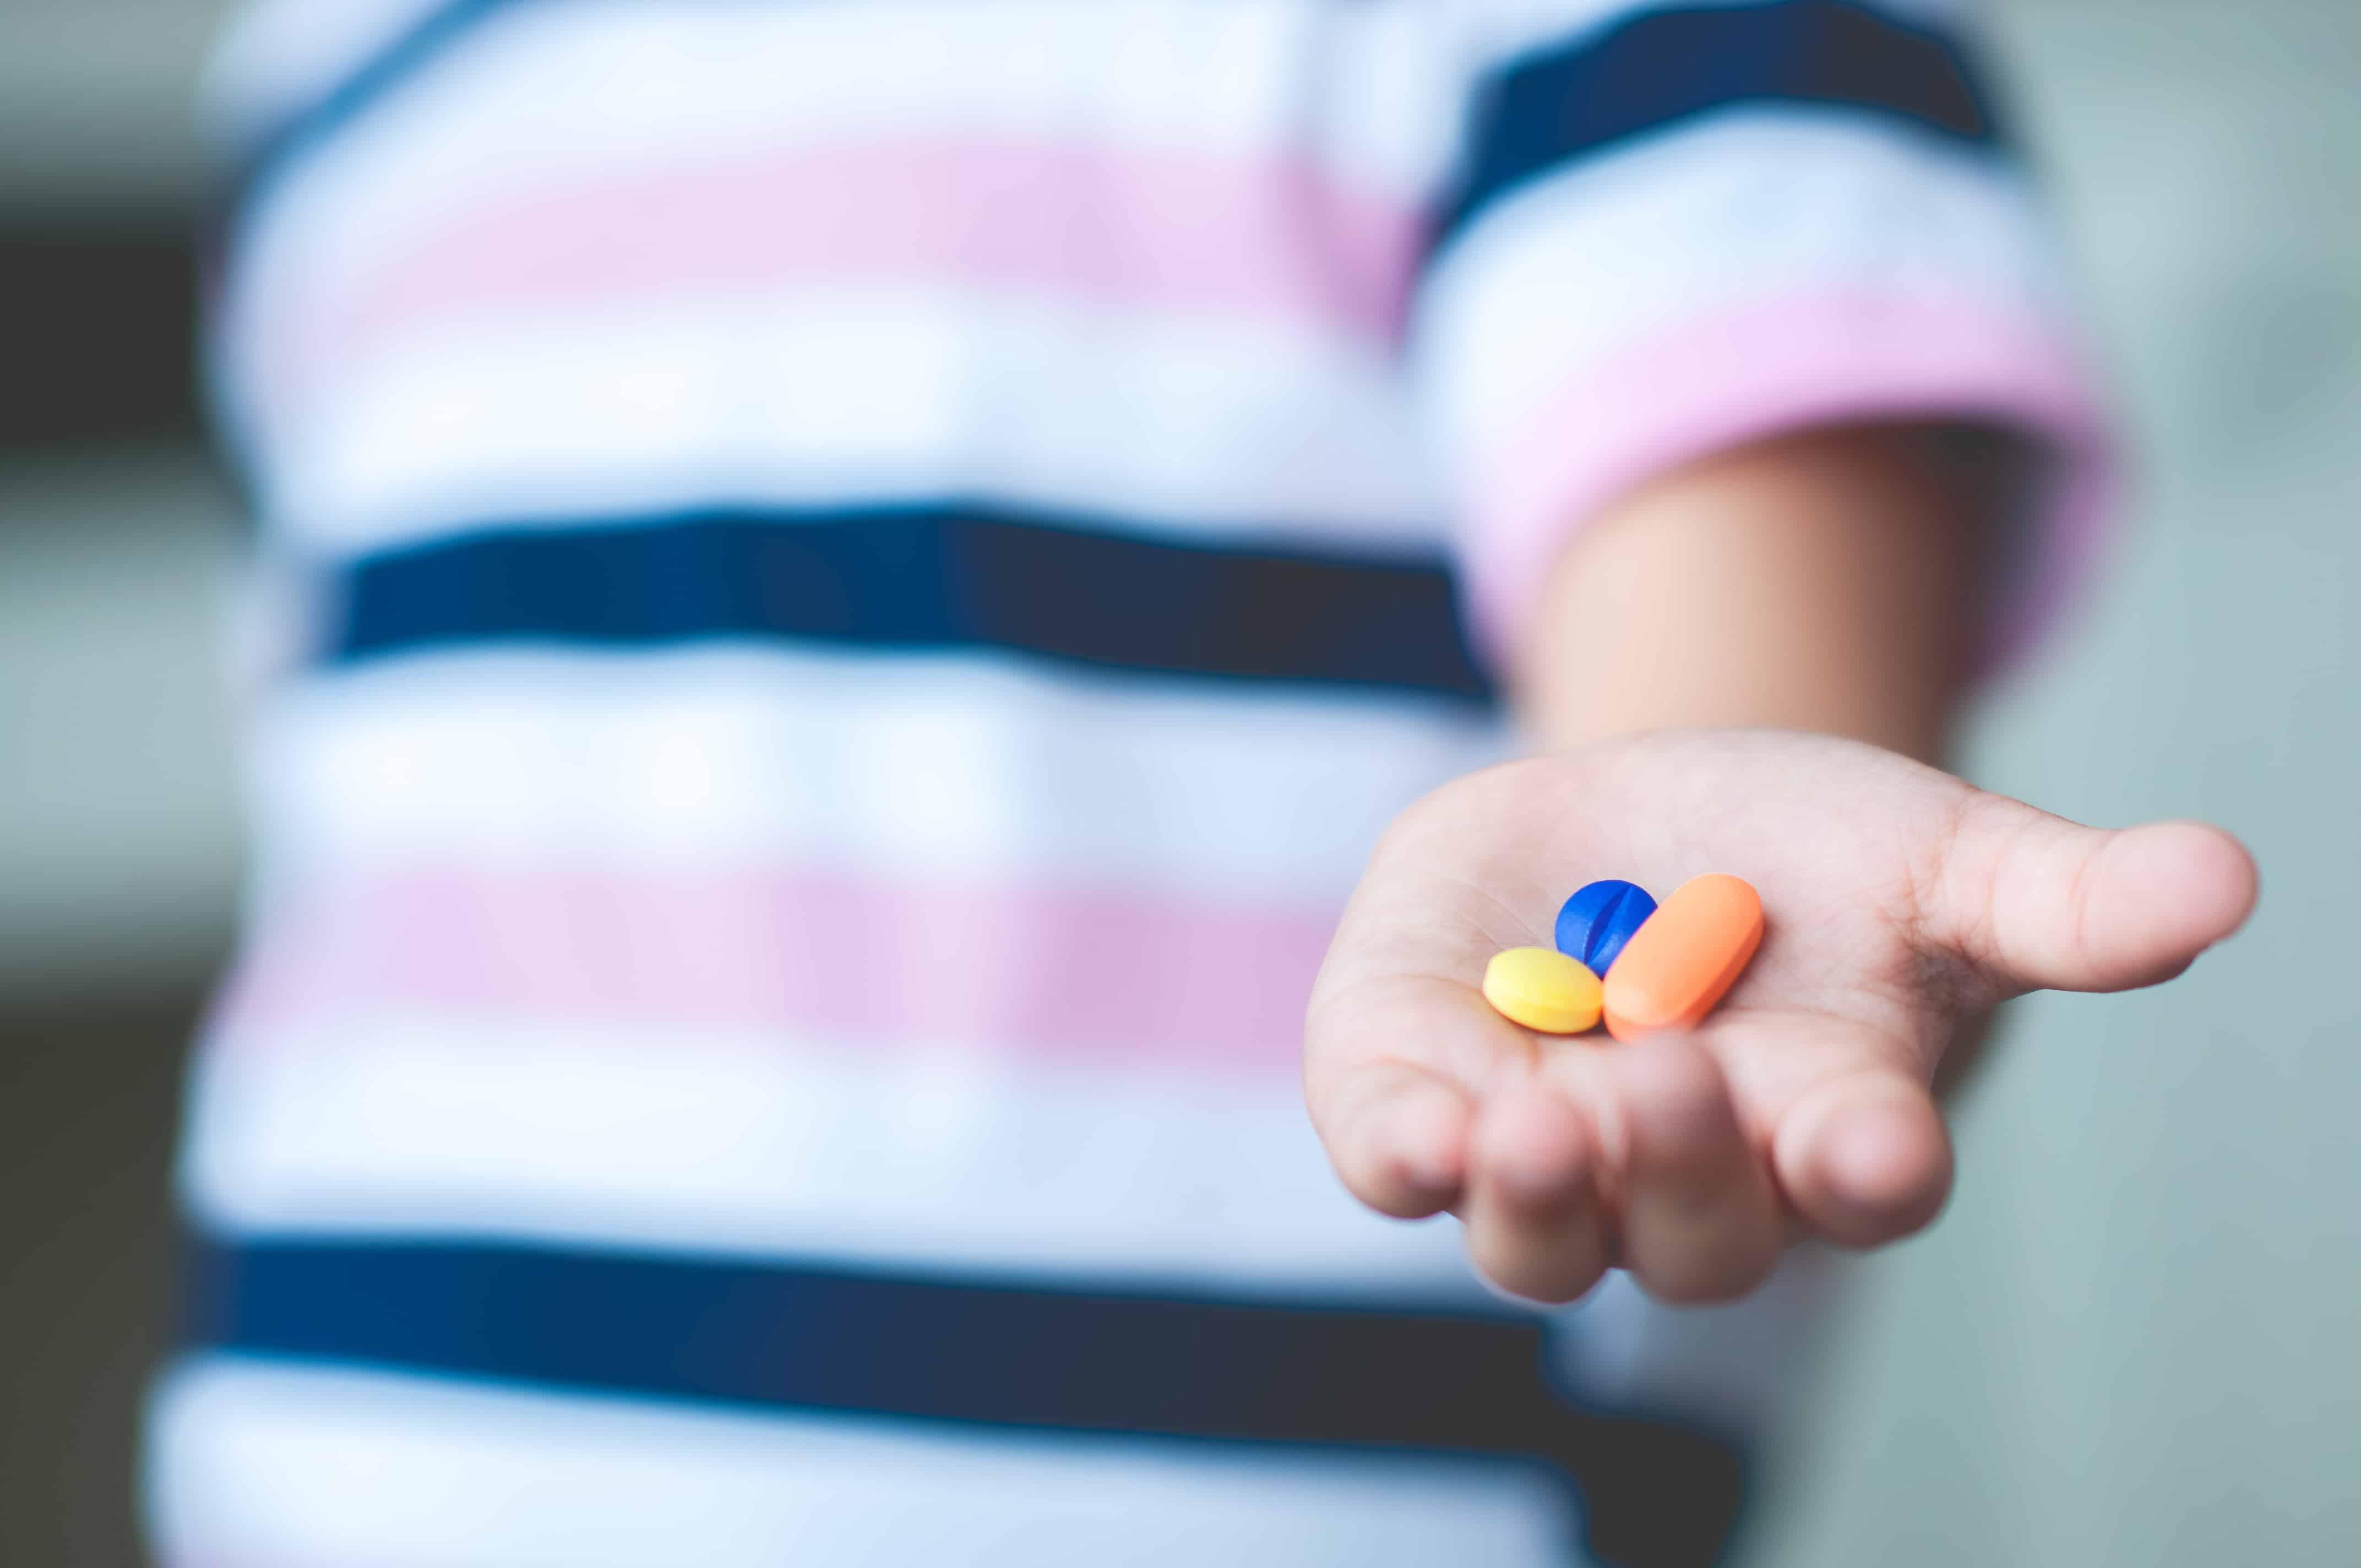 ¿Medicamentos al alcance de los niños? Consejos para evitar una ingesta incorrecta